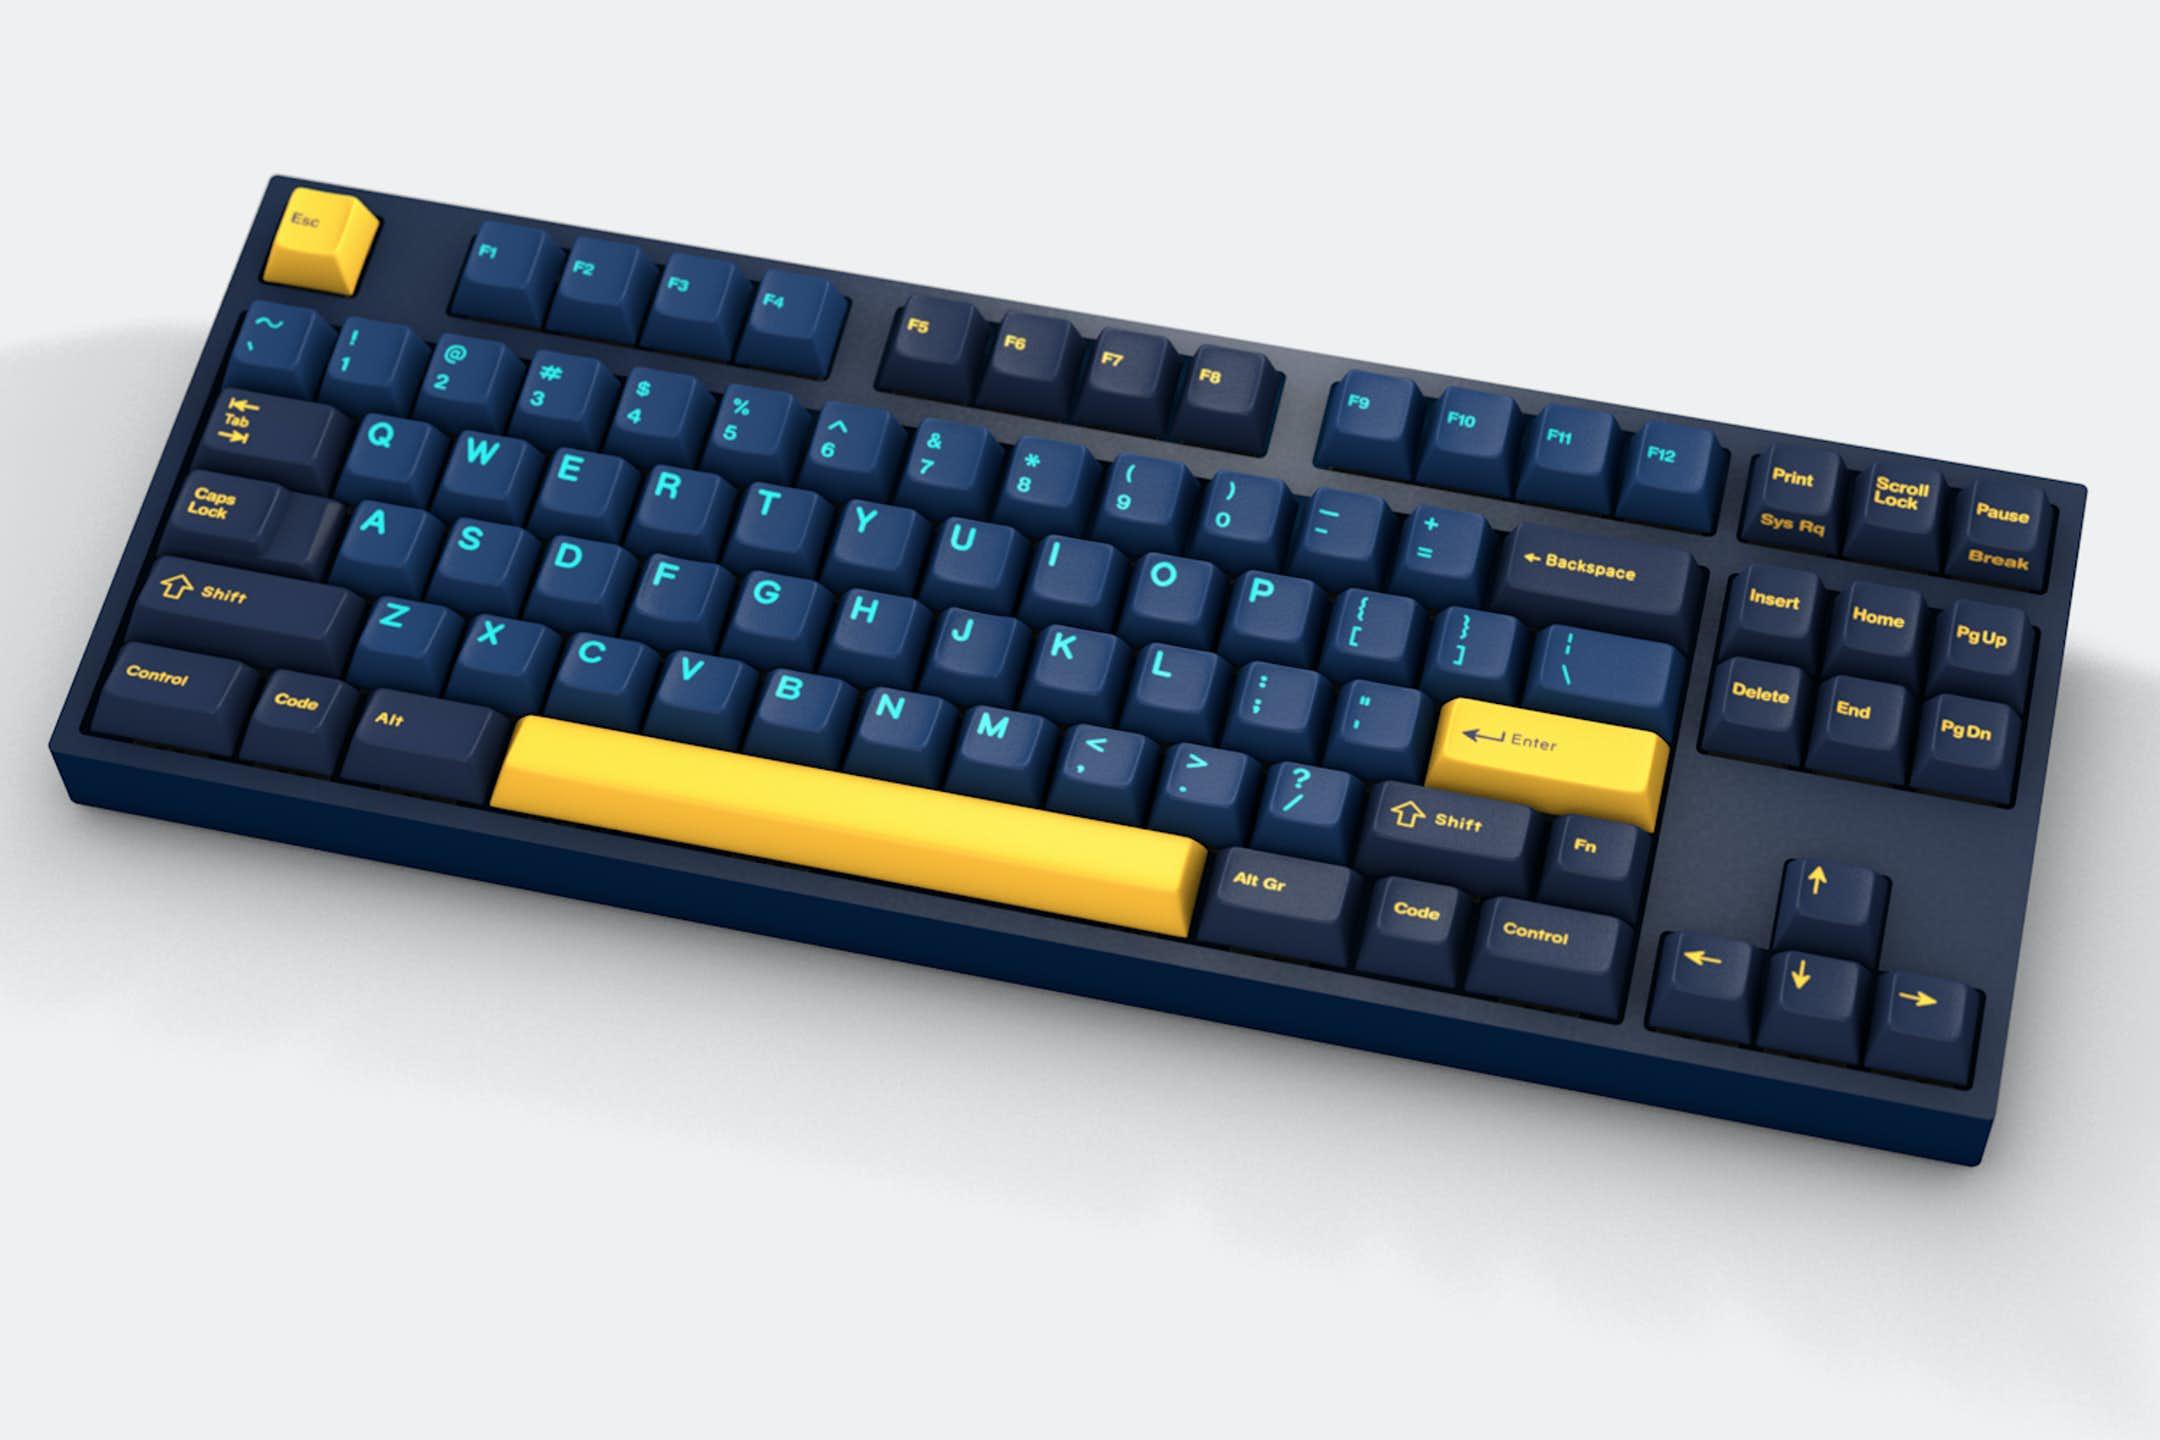 Ортолинейная сплит клавиатура — это что такое? Обзор Iris Keyboard - 38